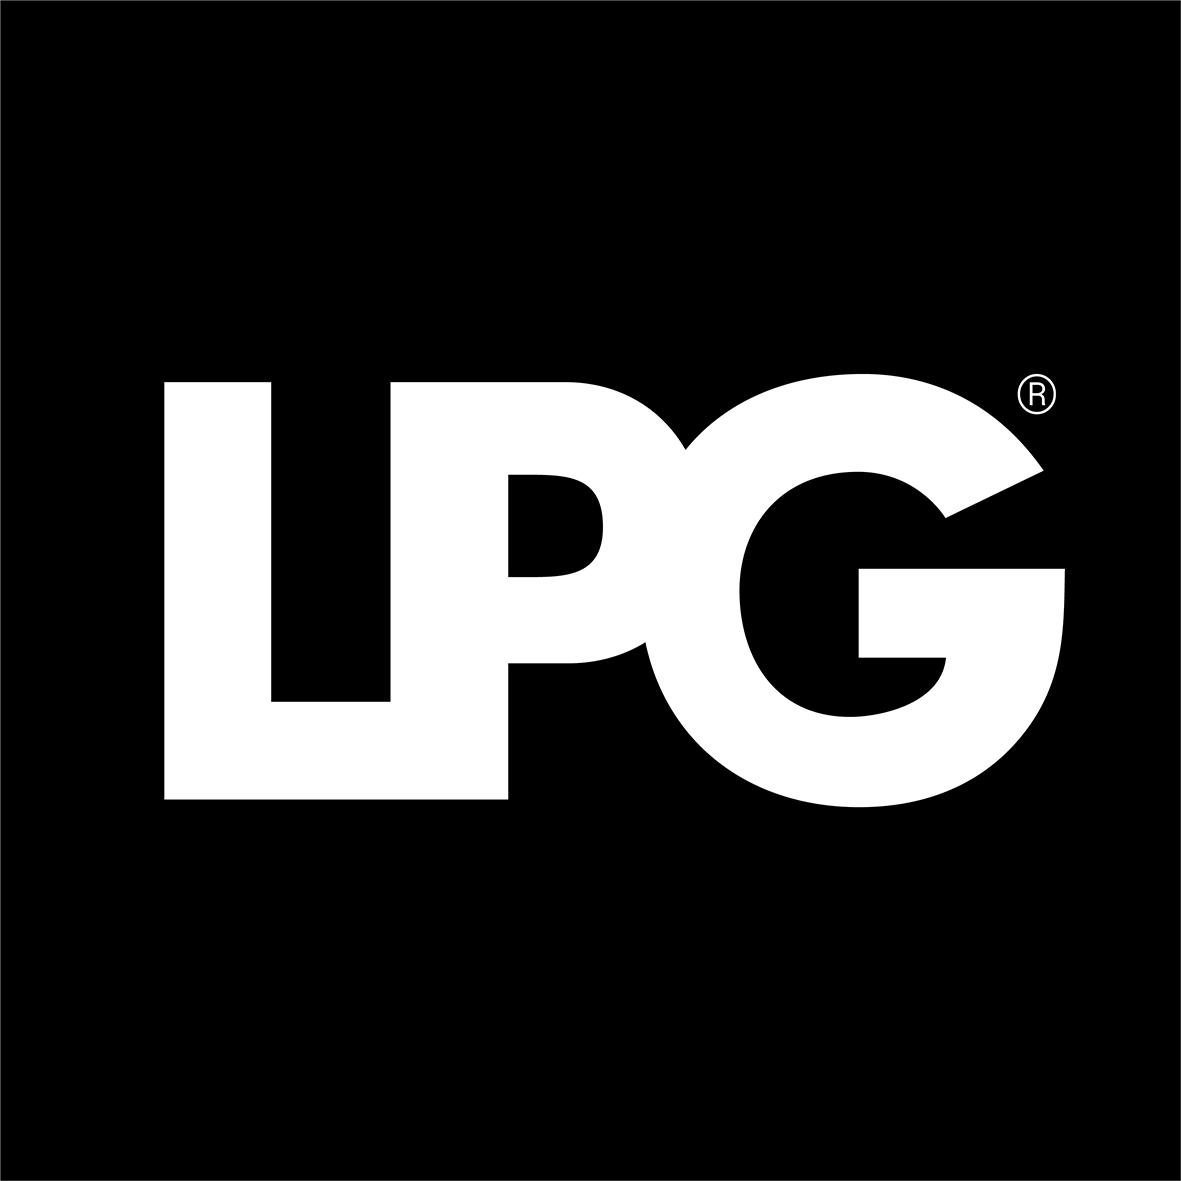 LA-FREGATE-logo-client-LPG